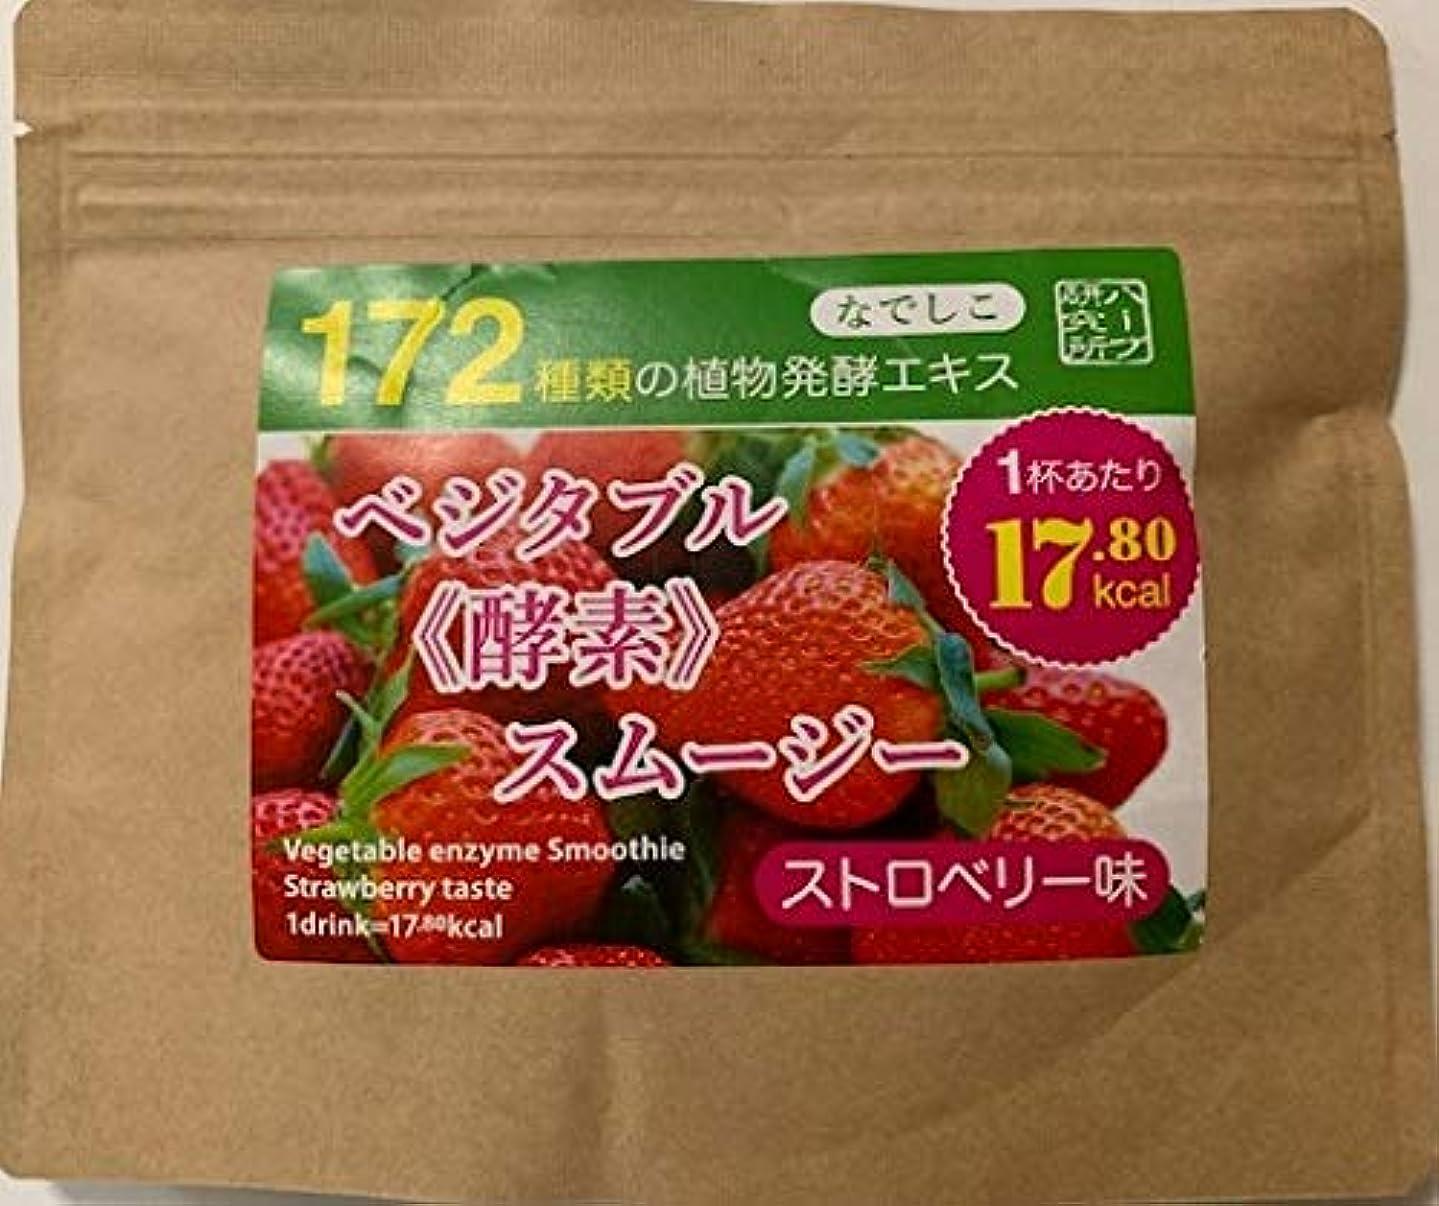 部分ロケット皮肉グリーン酵素ダイエットスムージー(ストロベリー味) (100g入り)